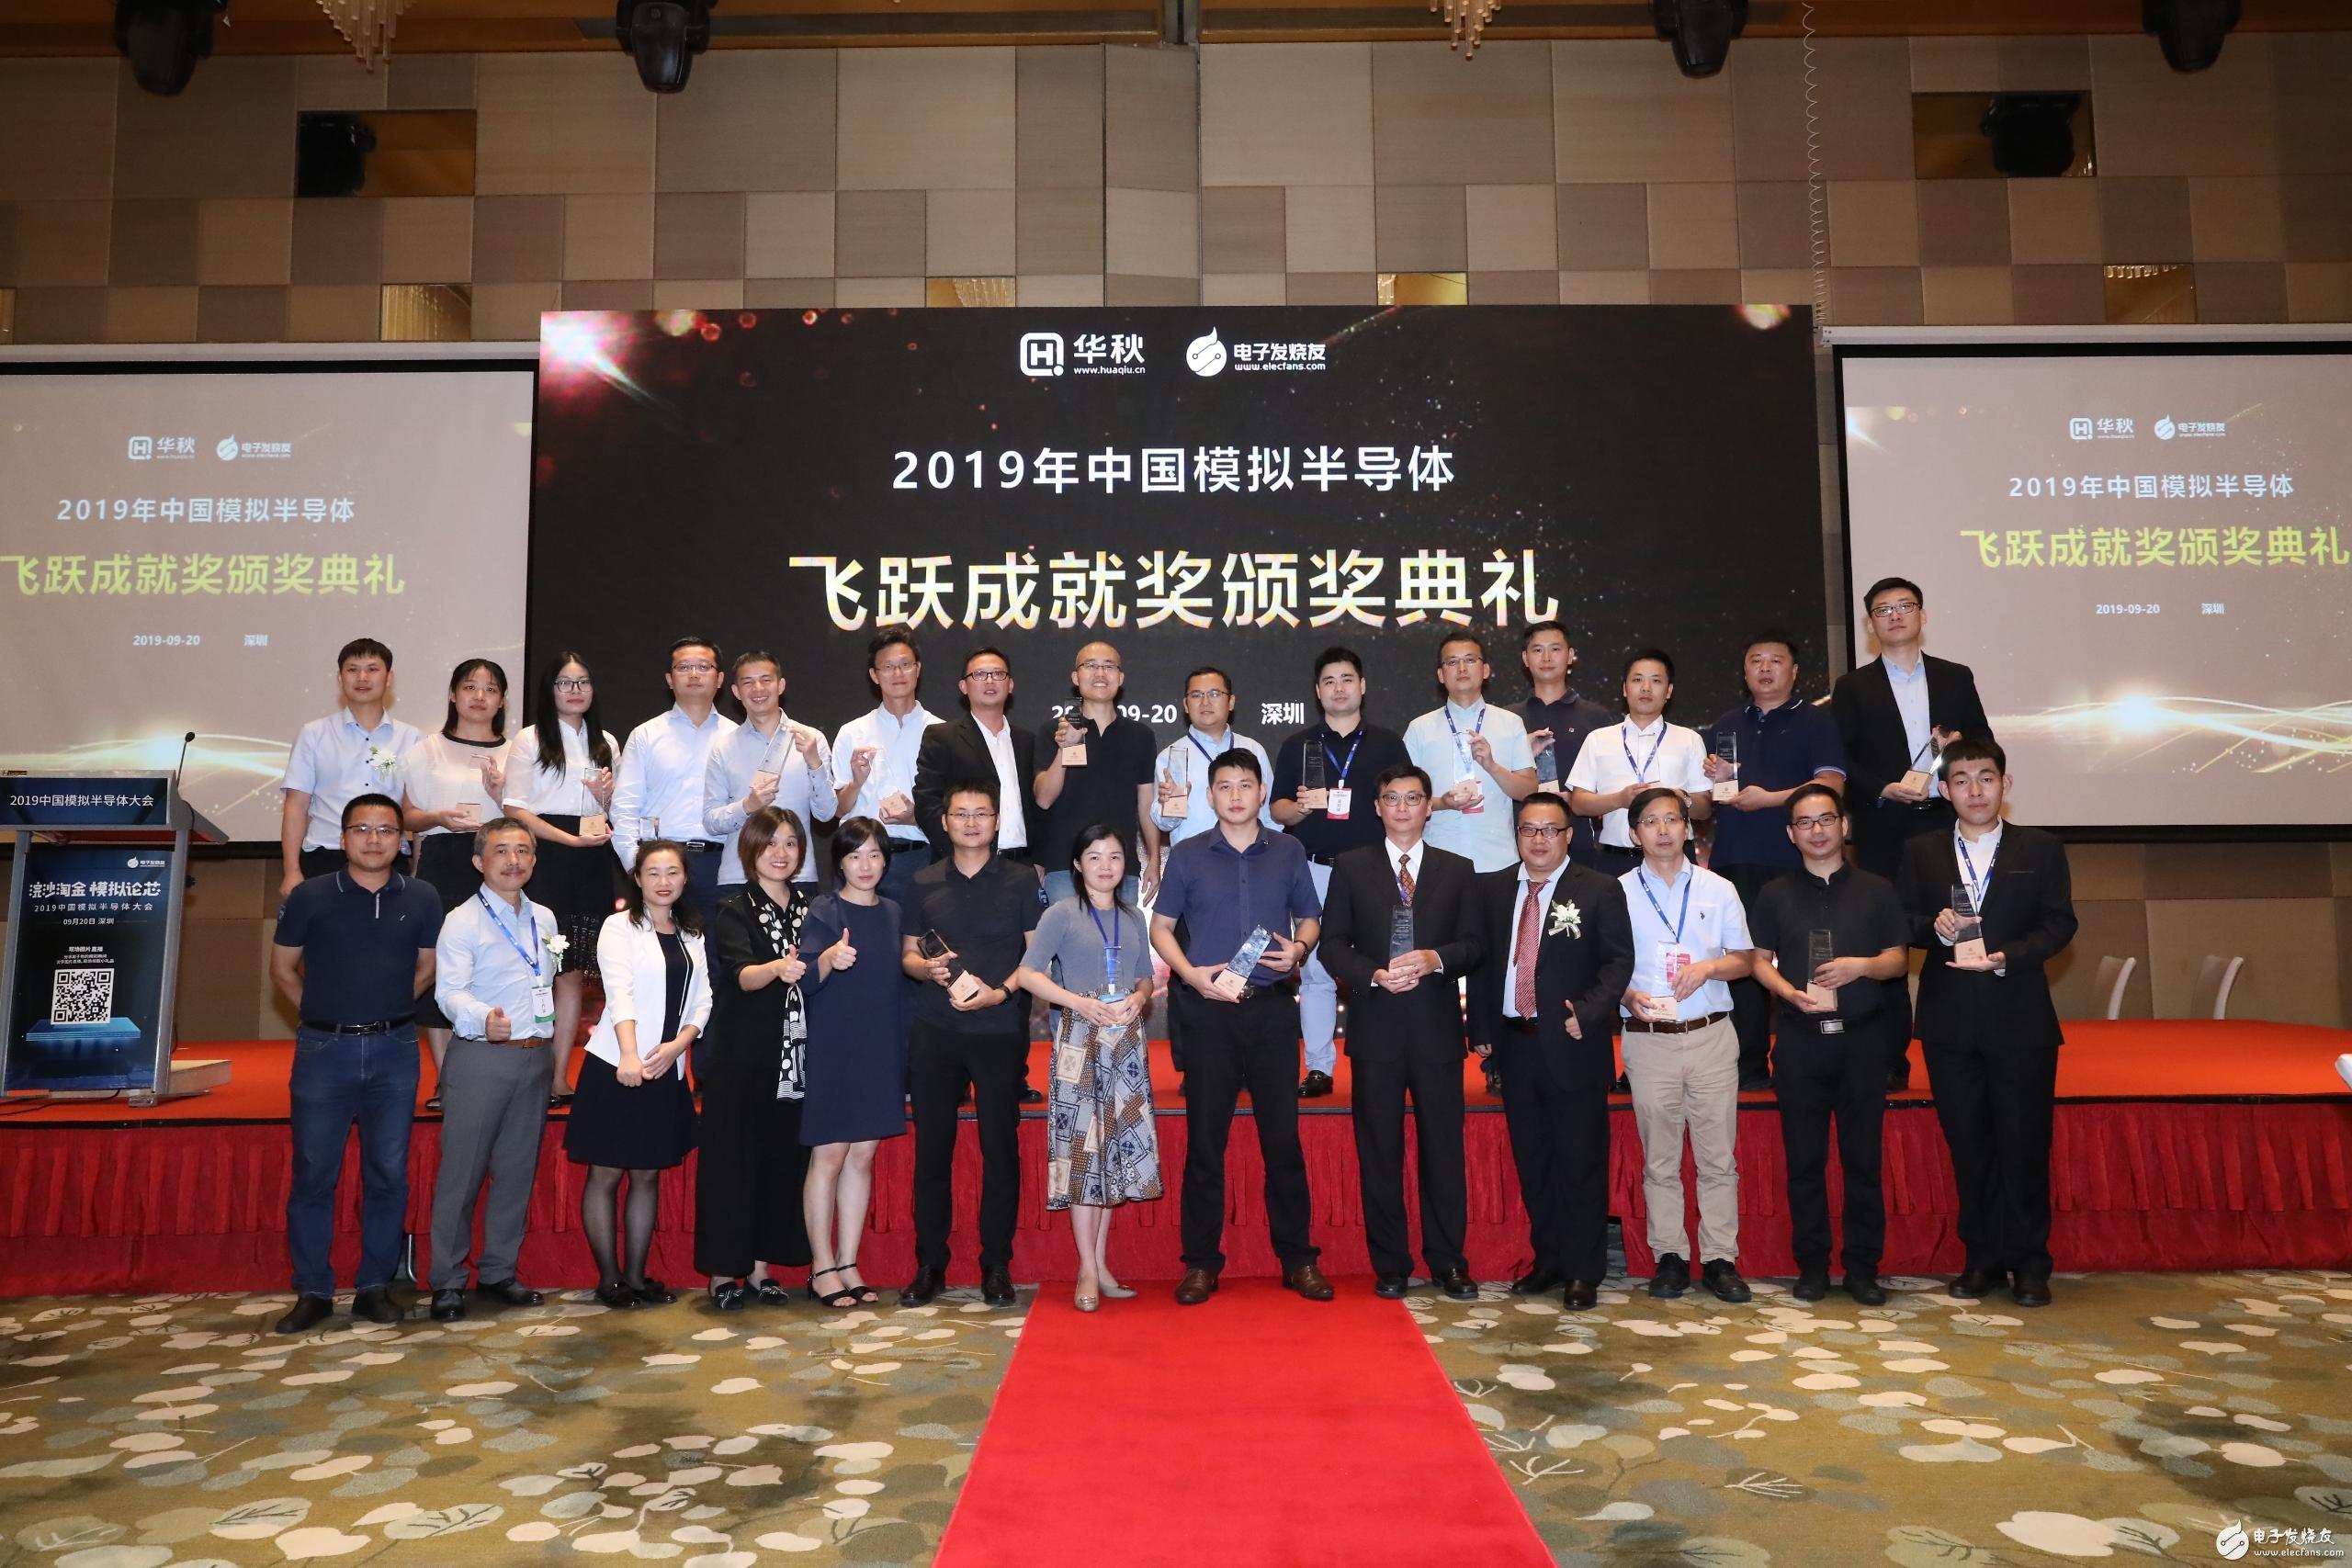 浣沙淘金 2019年中國模擬半導體飛躍成就獎正式揭曉